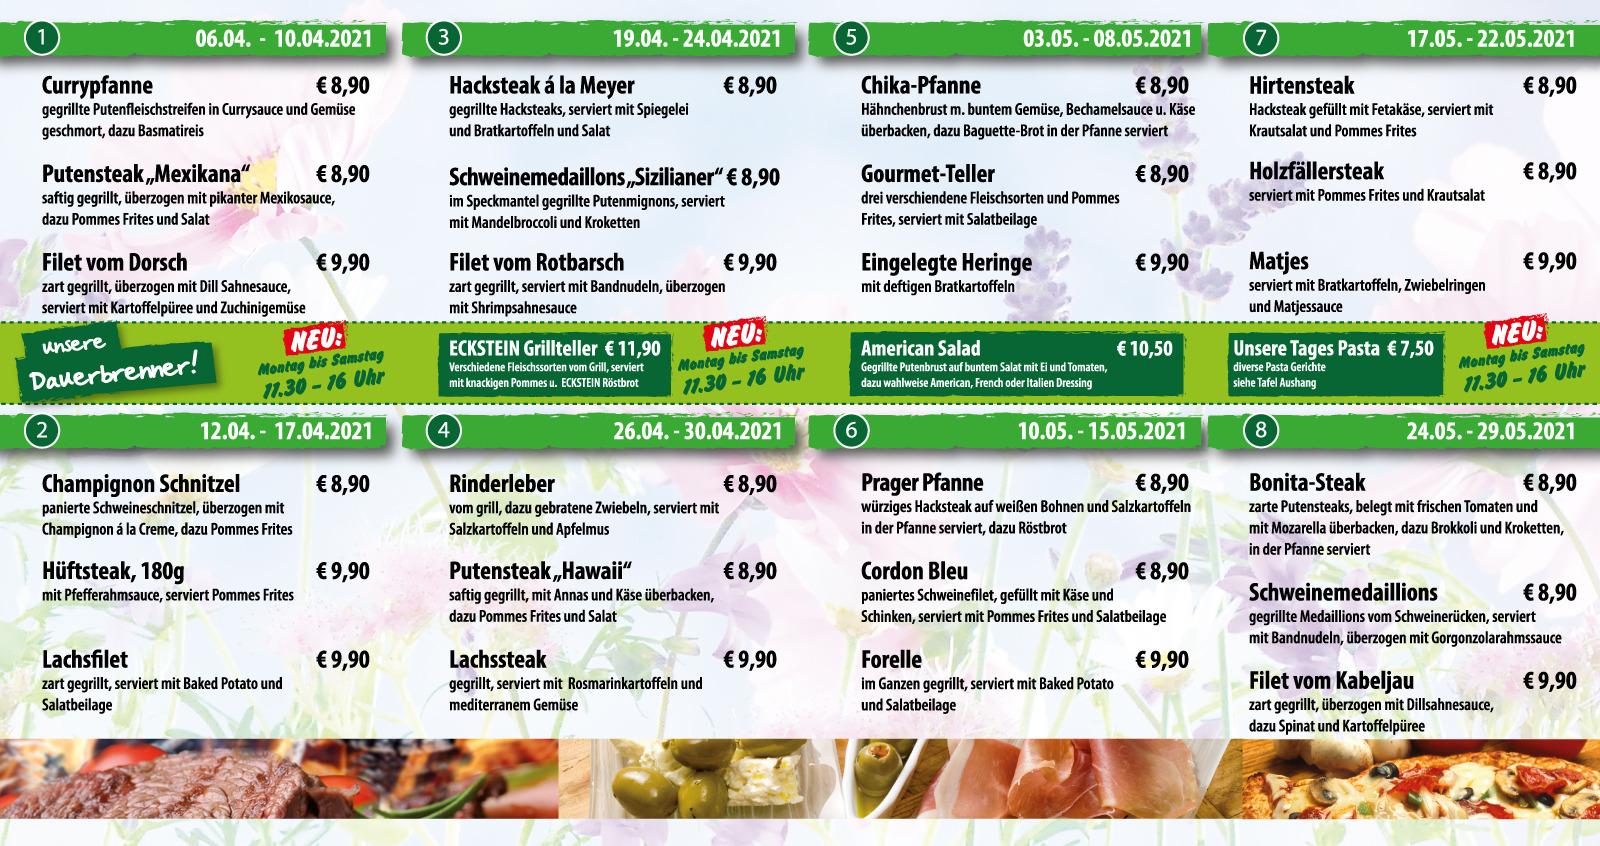 Eckstein-Restaurant-Eimsbüttel-Burger-Steaks-Fisch-Mittagstisch2